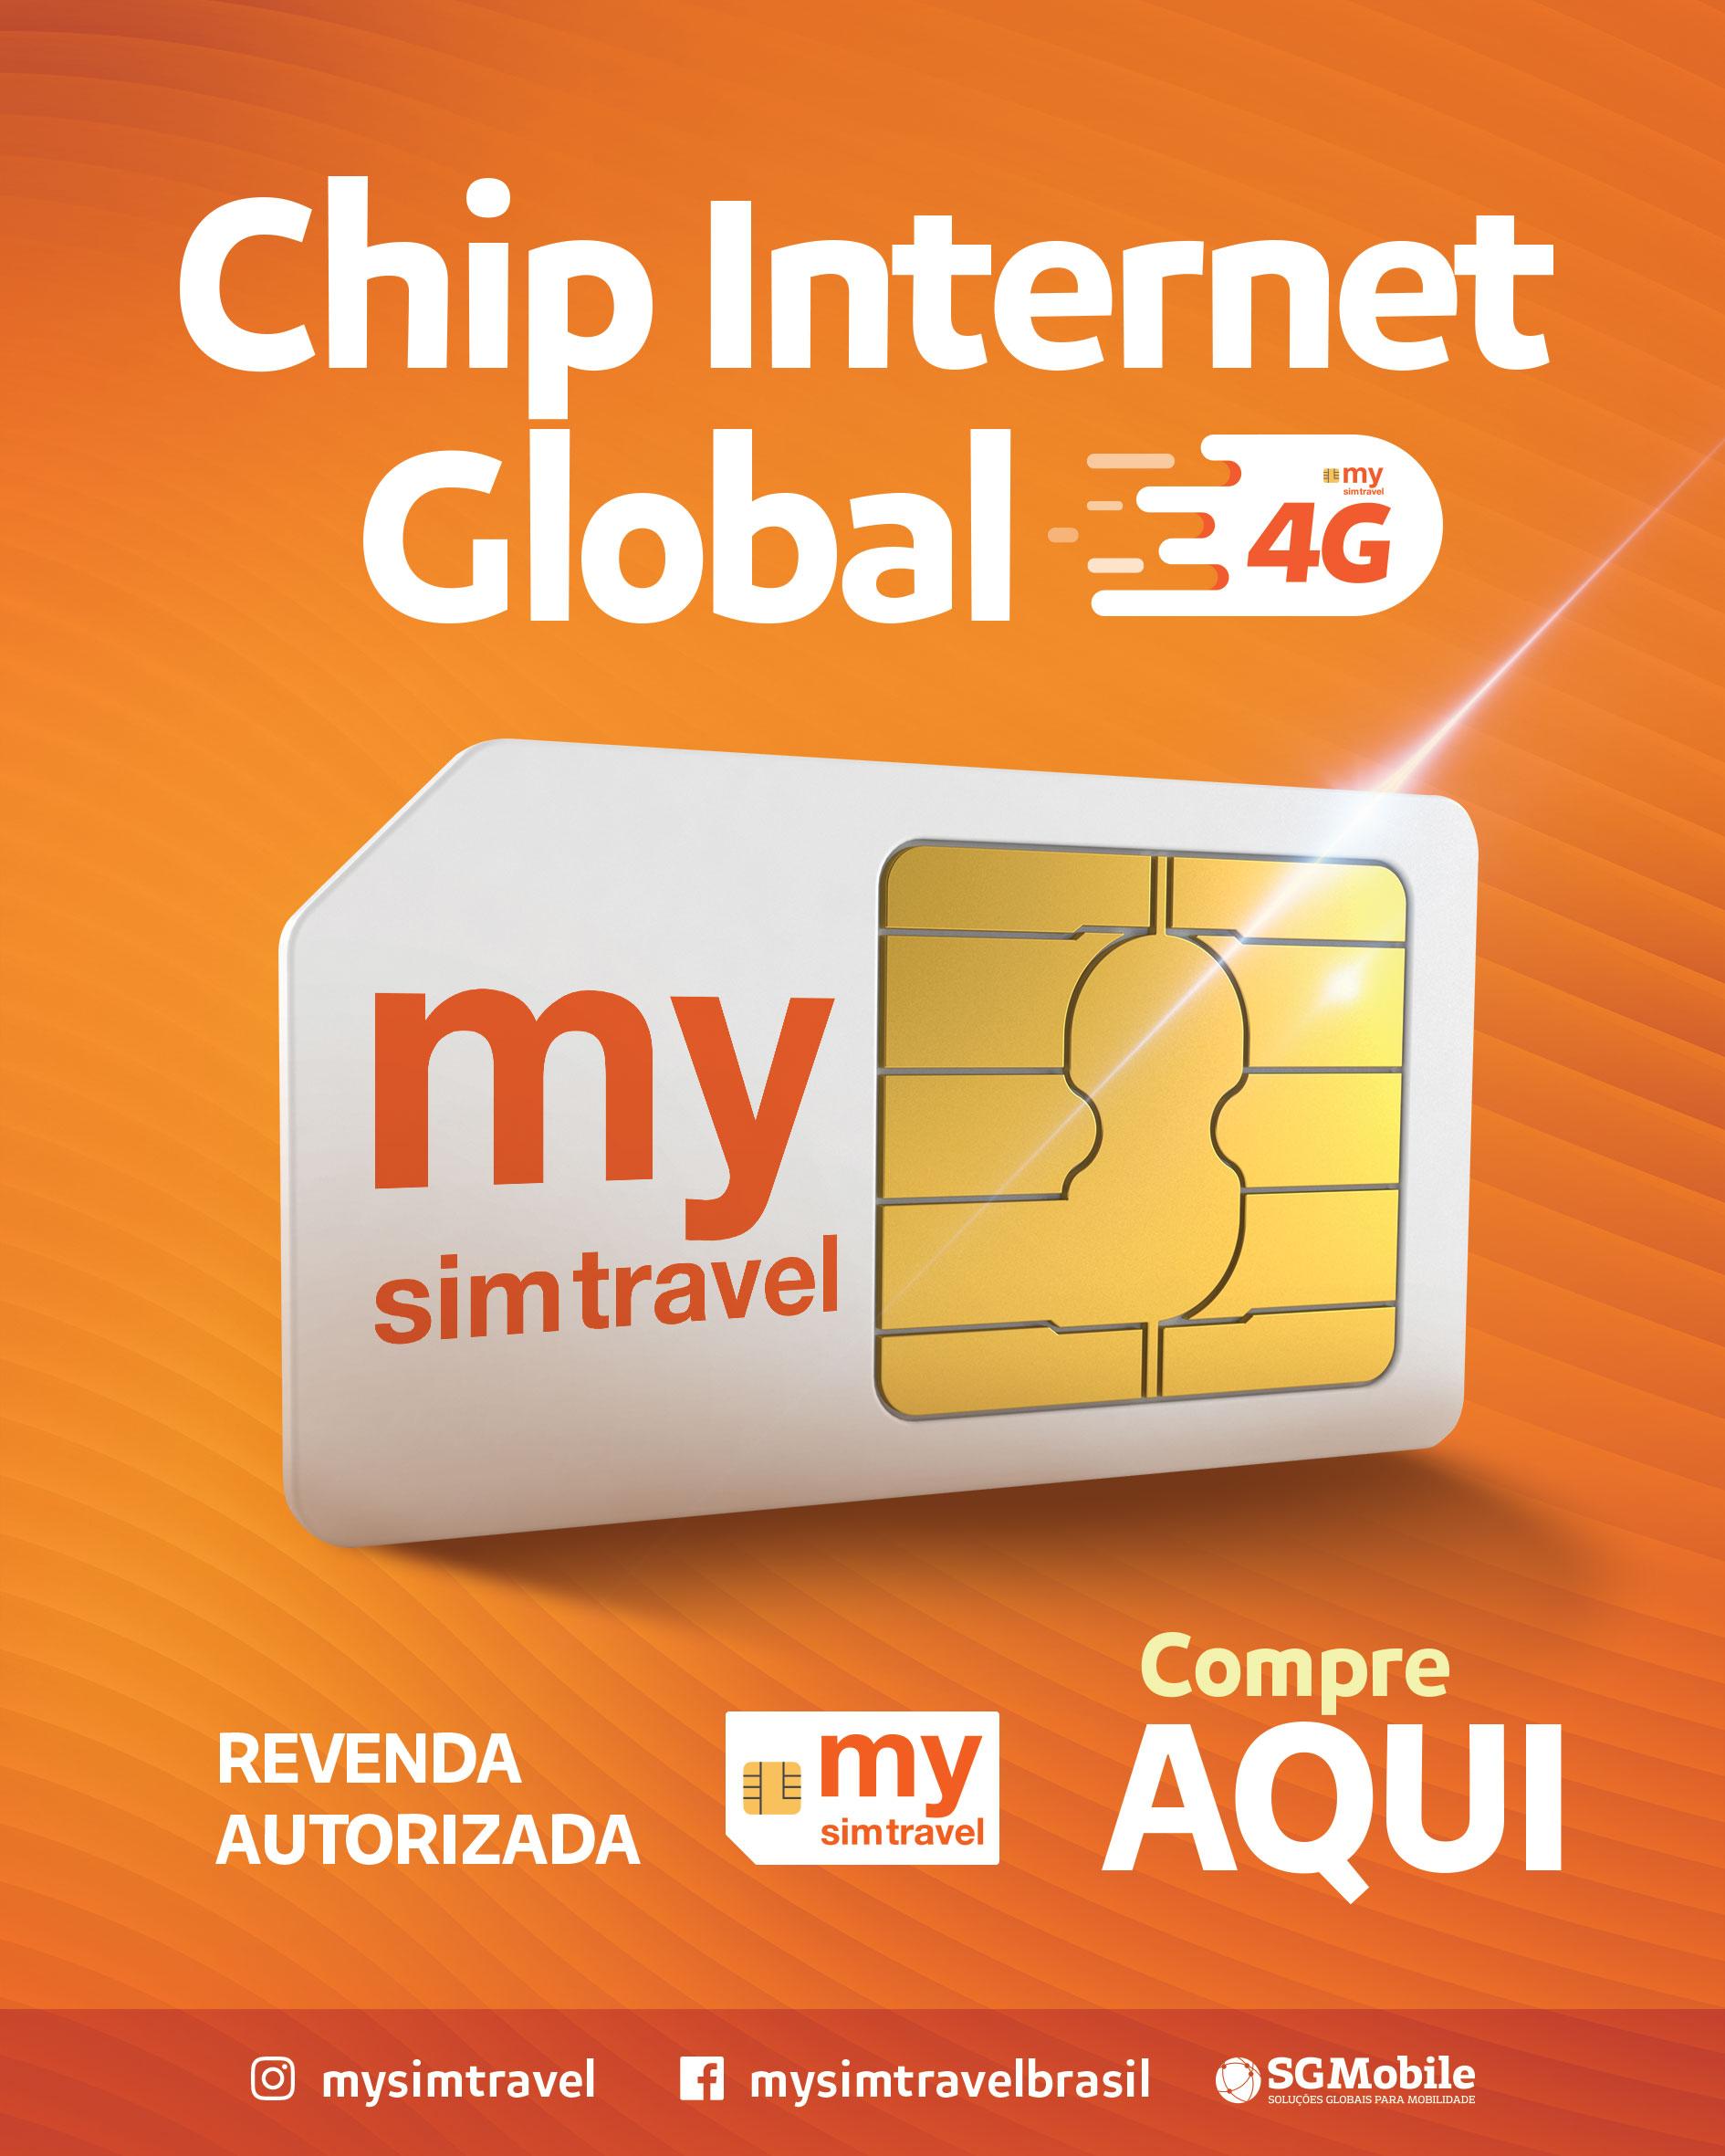 """<div class=""""titulo compre-aqui-seu-chip-de-celular-para-viagem""""><h6>Compre aqui seu chip de celular para viagem</h6></div>"""